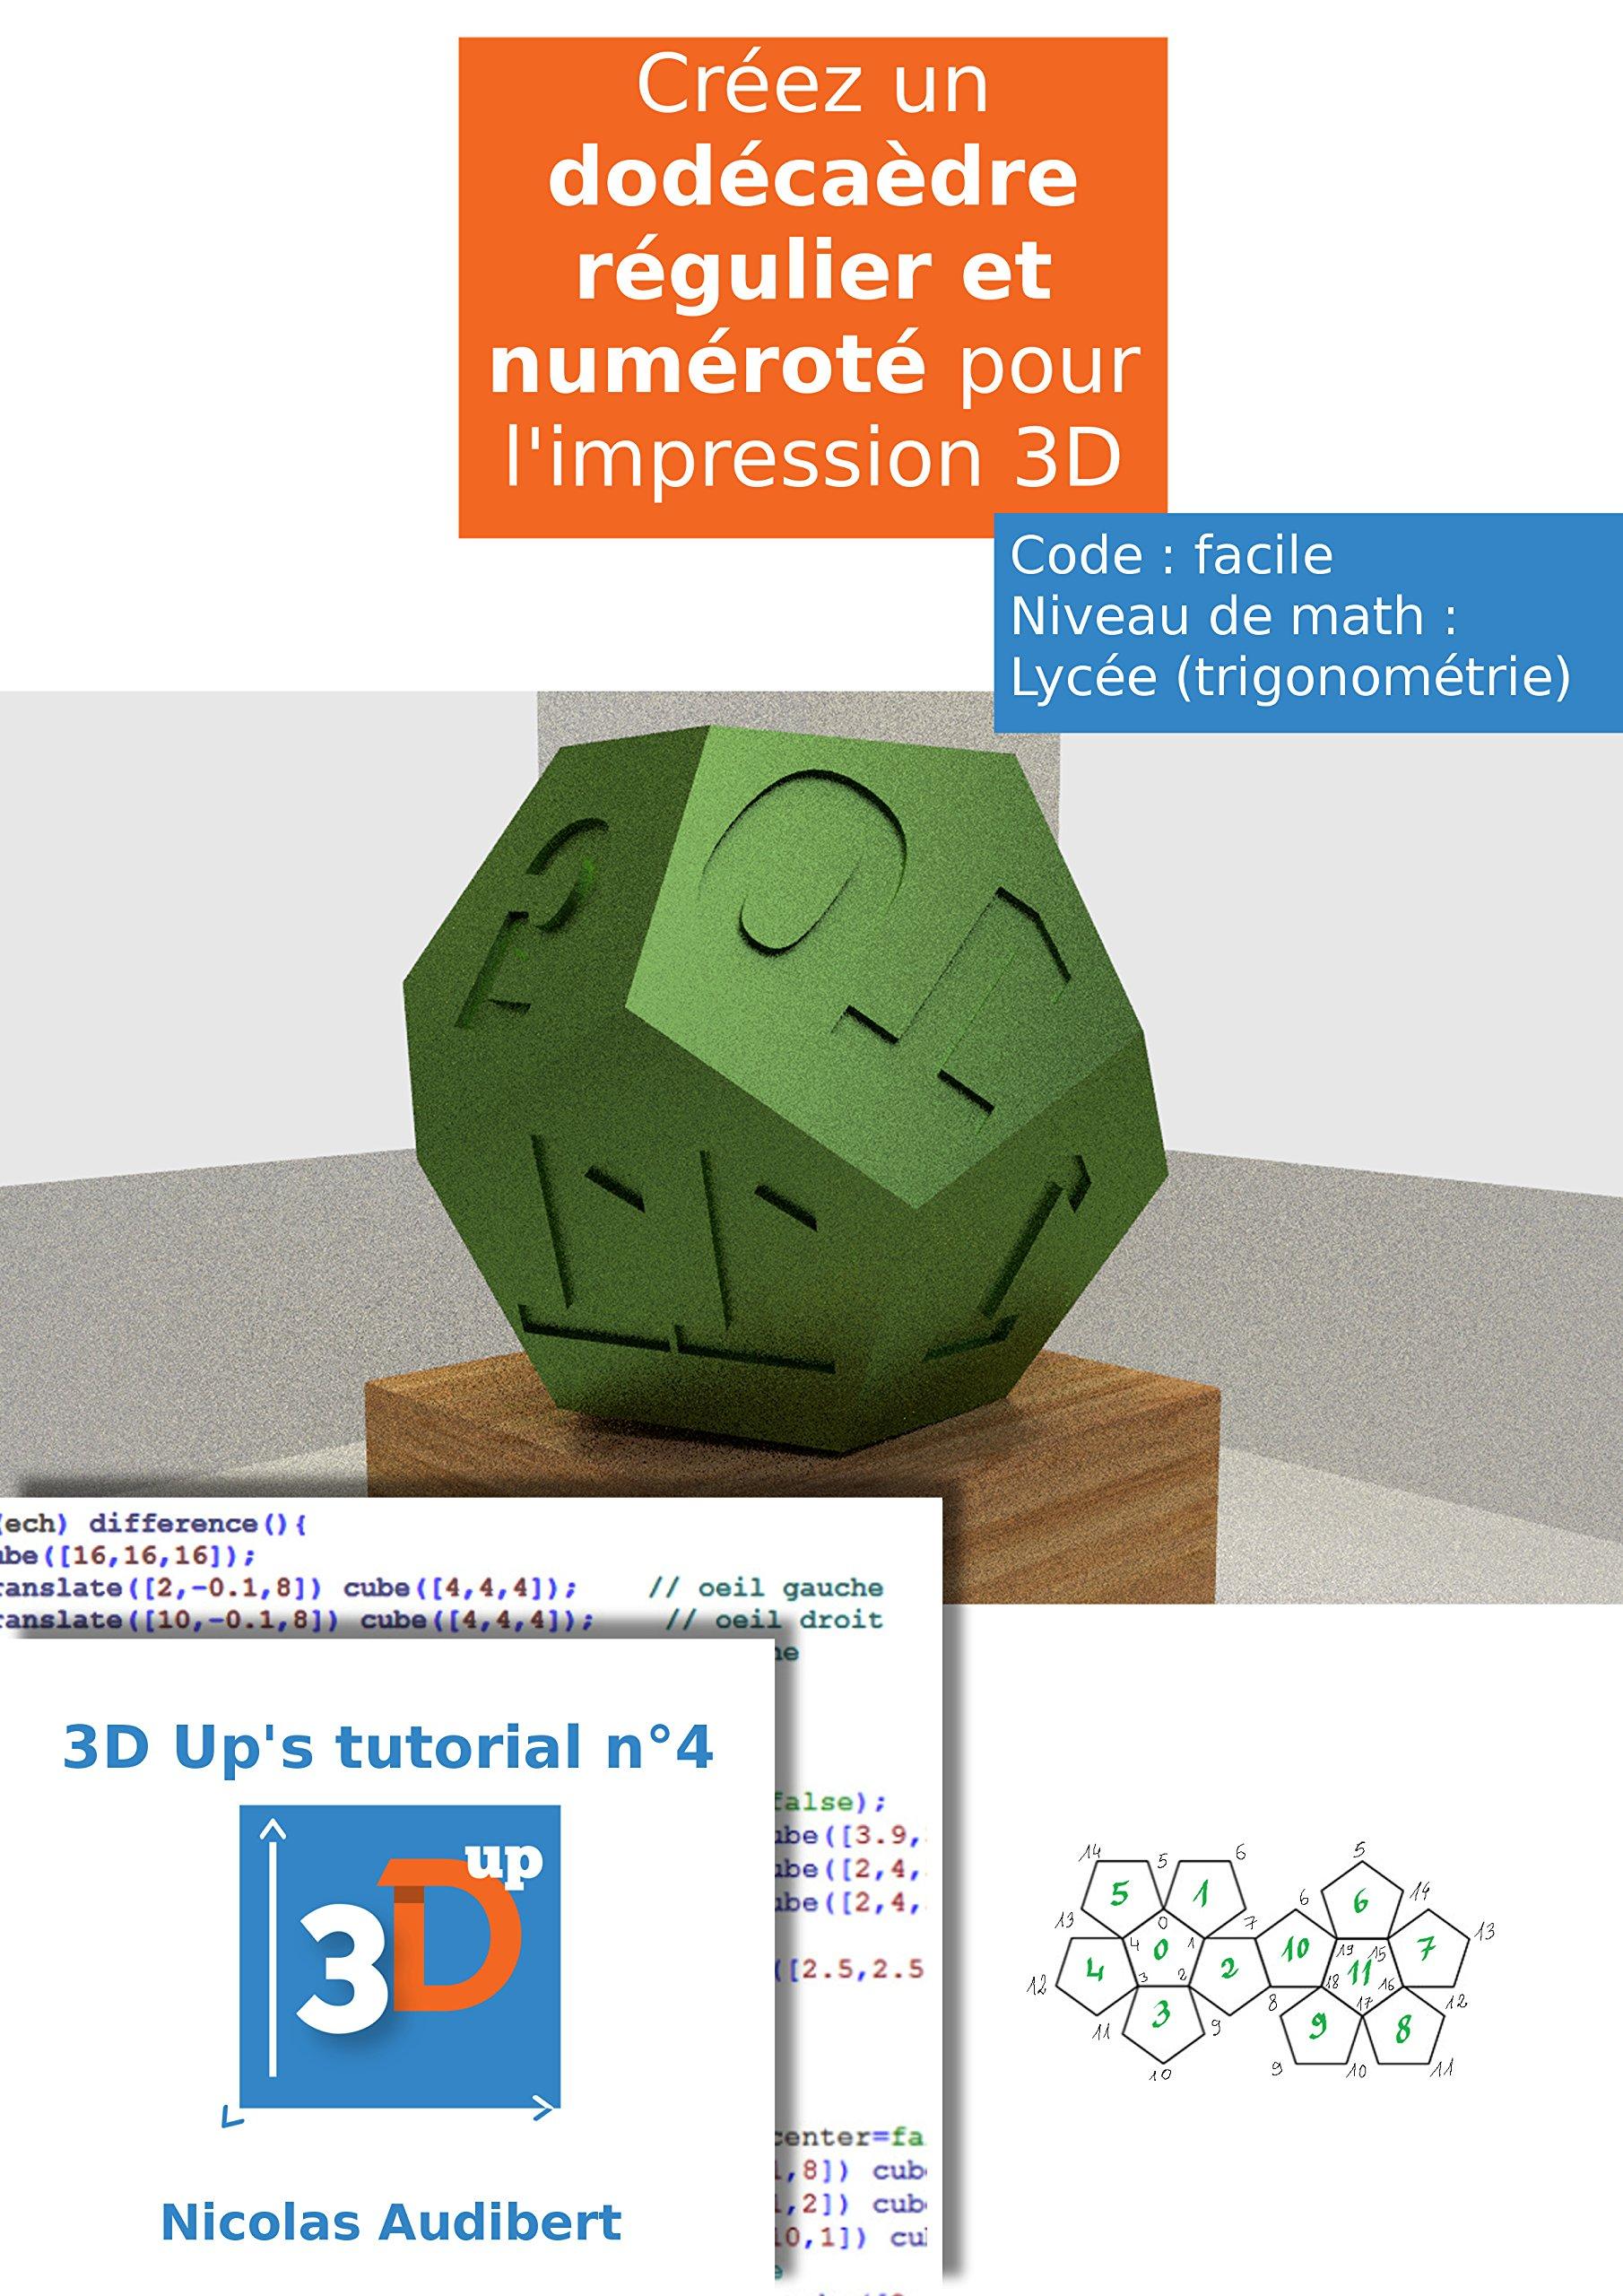 Un dodécaèdre numéroté pour l'impression 3D: Créez vous-même vos objets pour l'impression 3D (Les tutoriels 3D UP t. 4) por Nicolas Audibert